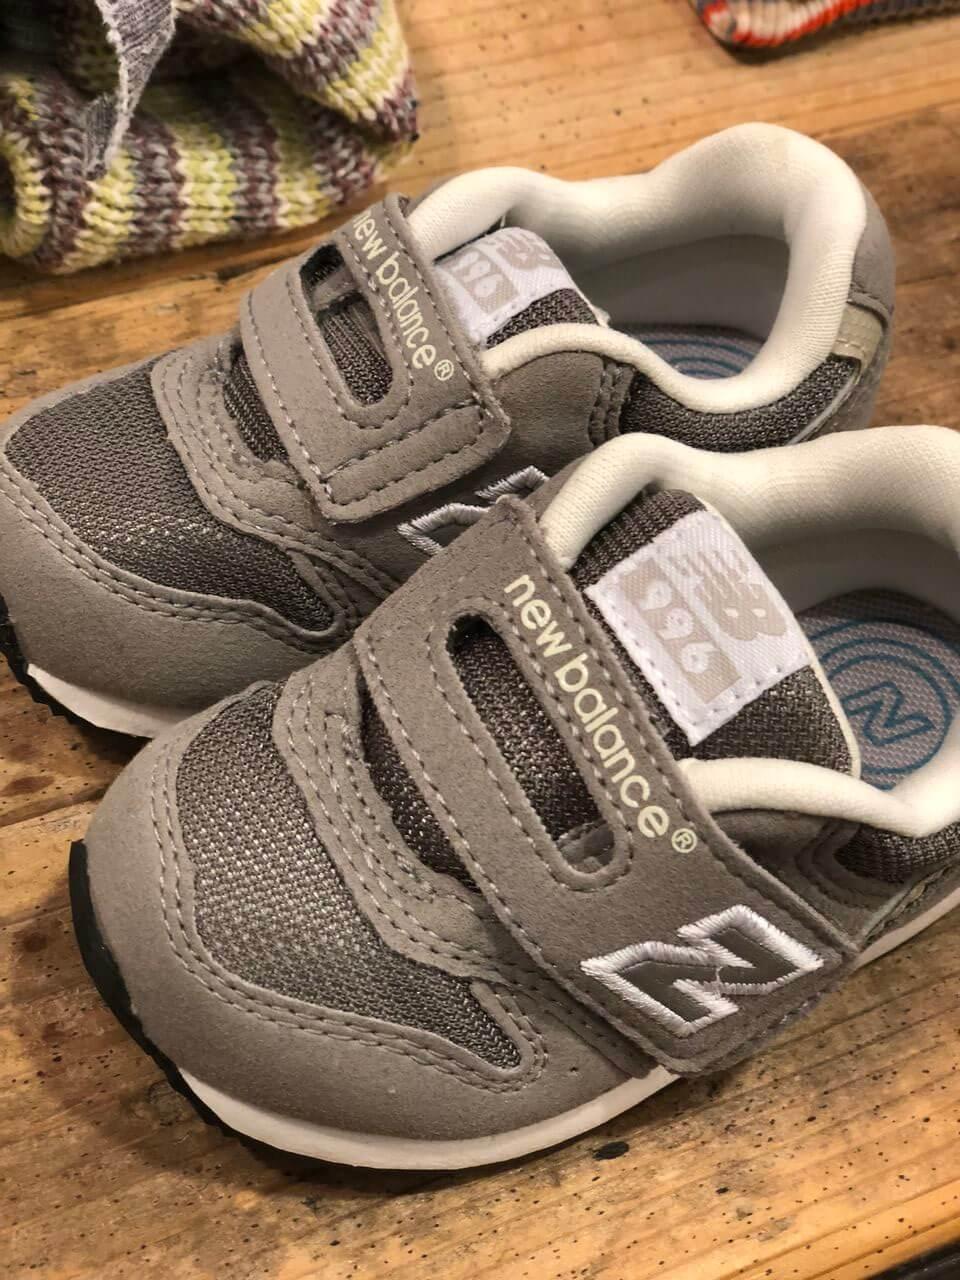 ニューバランスの赤ちゃん用サイズ可愛いすぎる💕のブログ画像